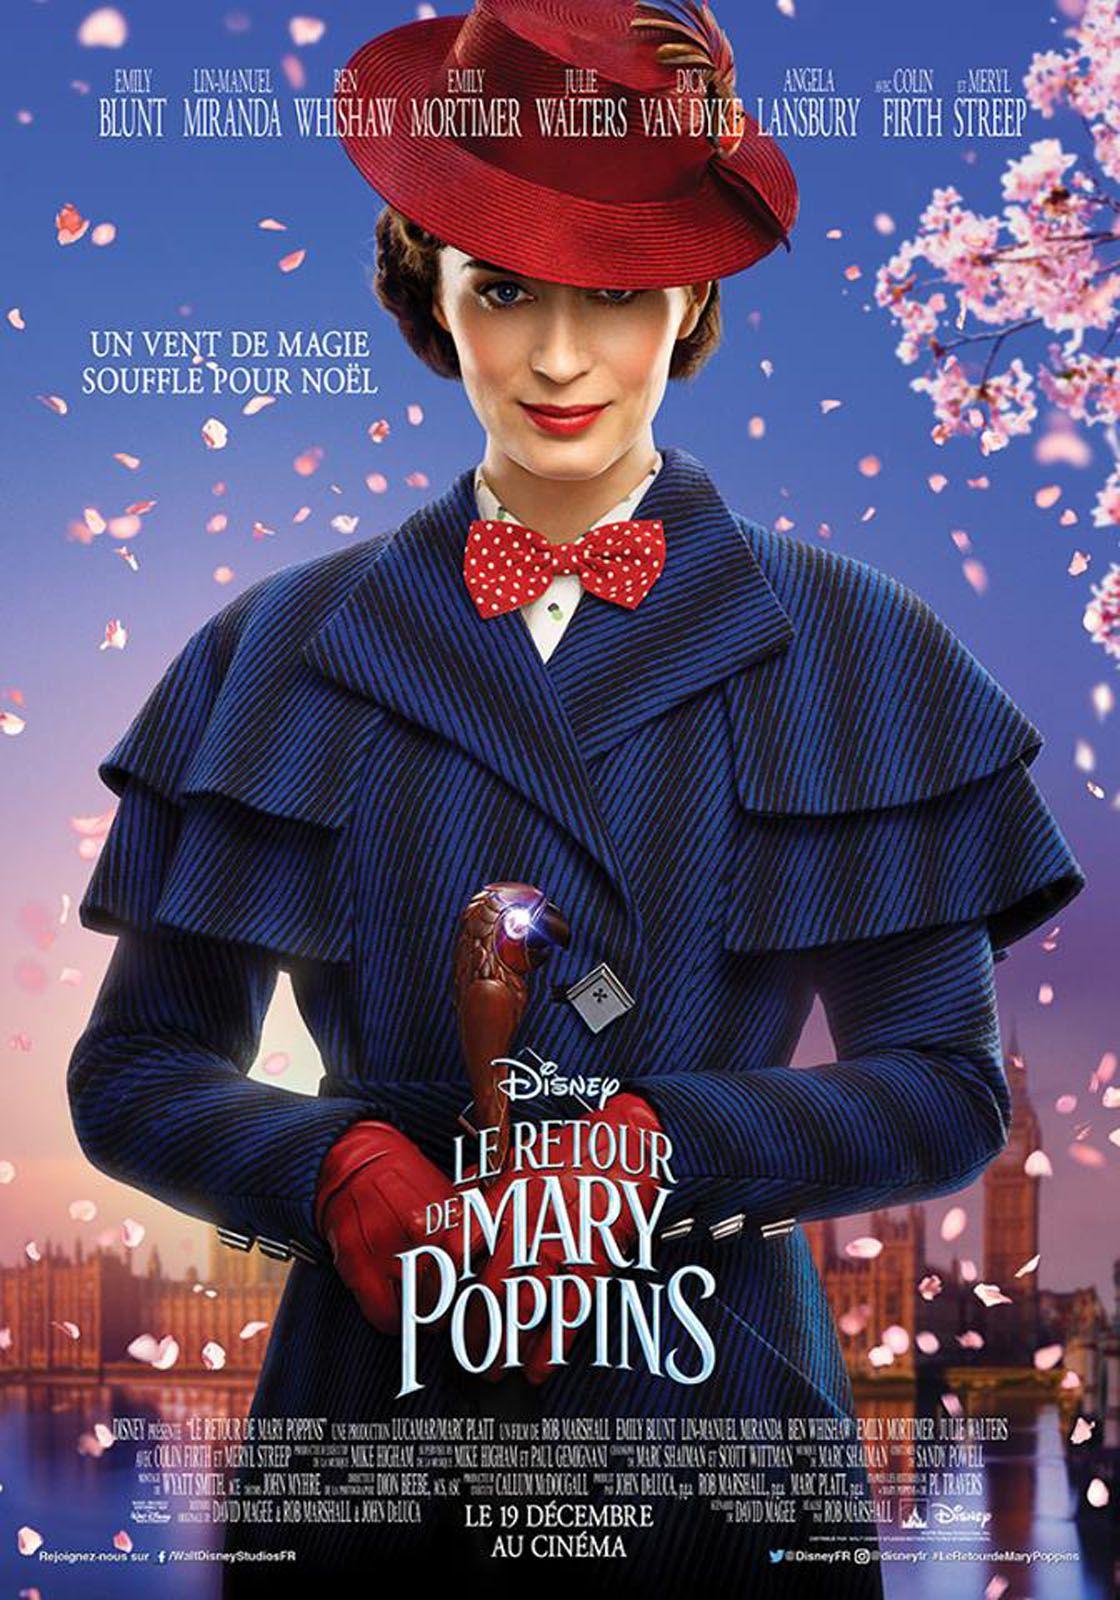 Le Retour de Mary Poppins - Film (2018)